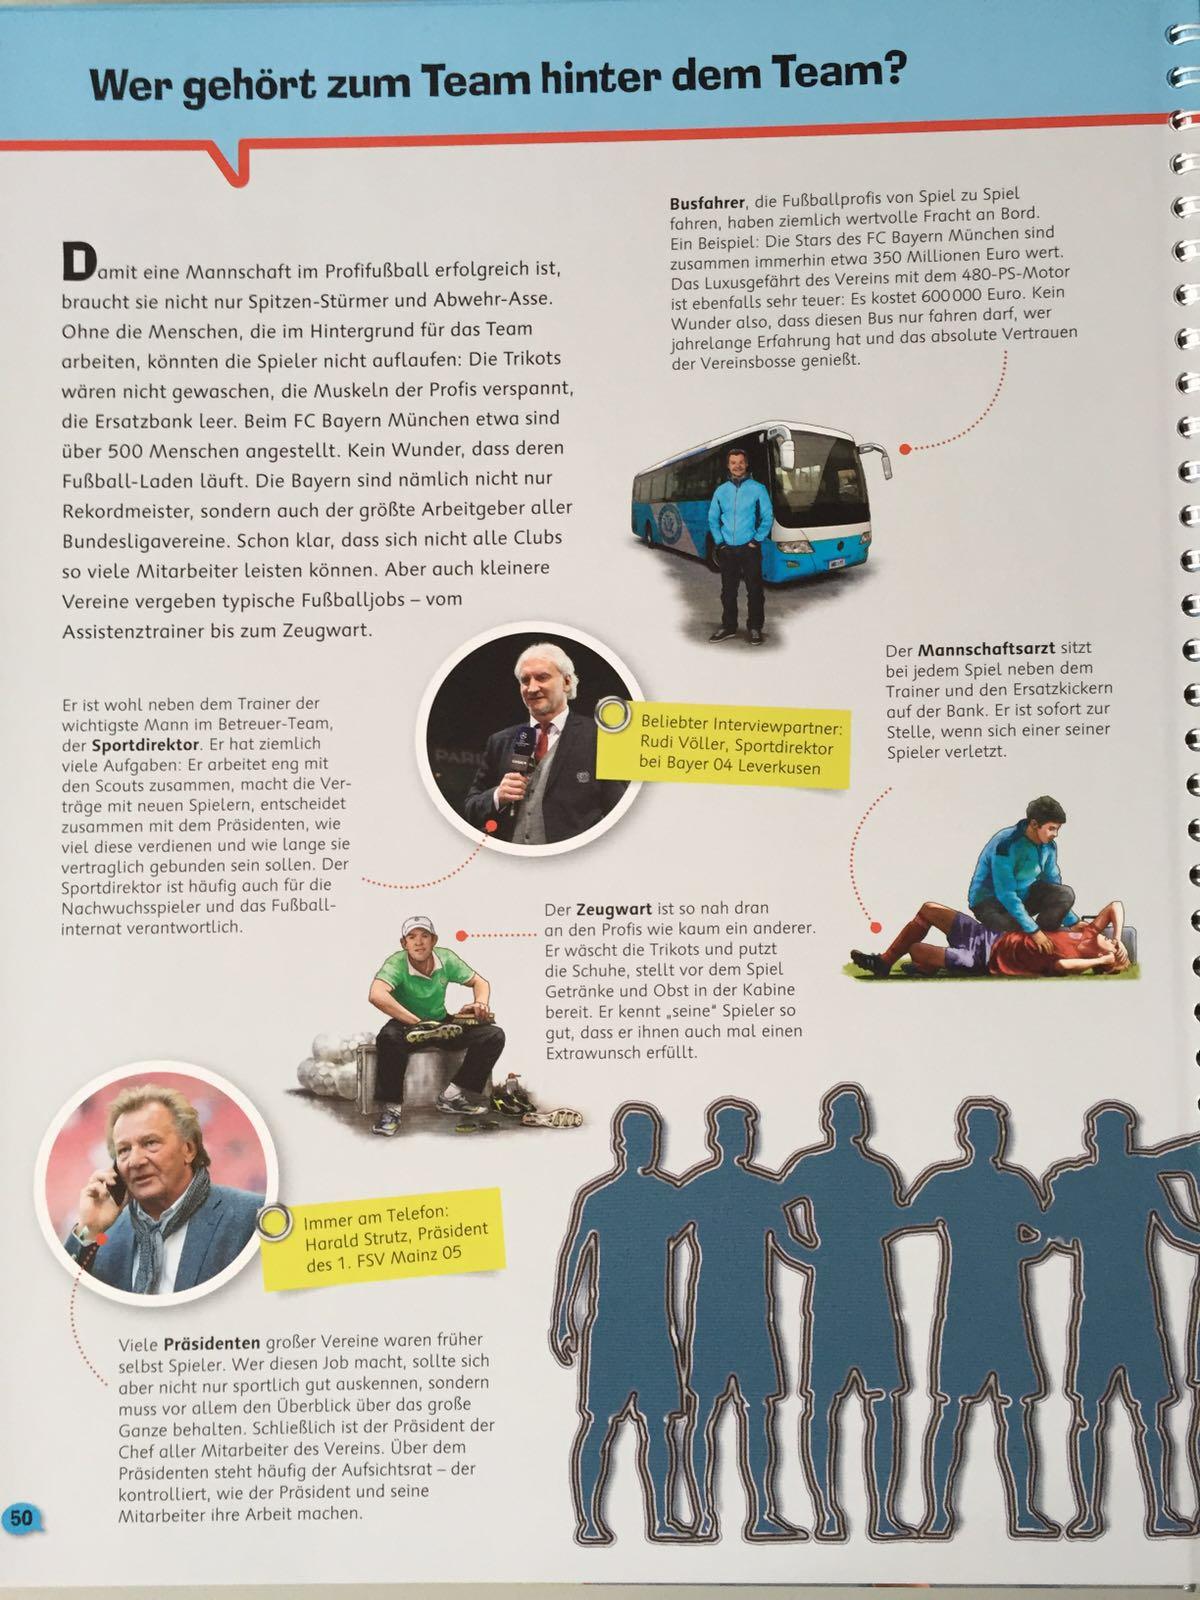 julia_david_consulting_coaching_ravensburger_fussball_artikel_01